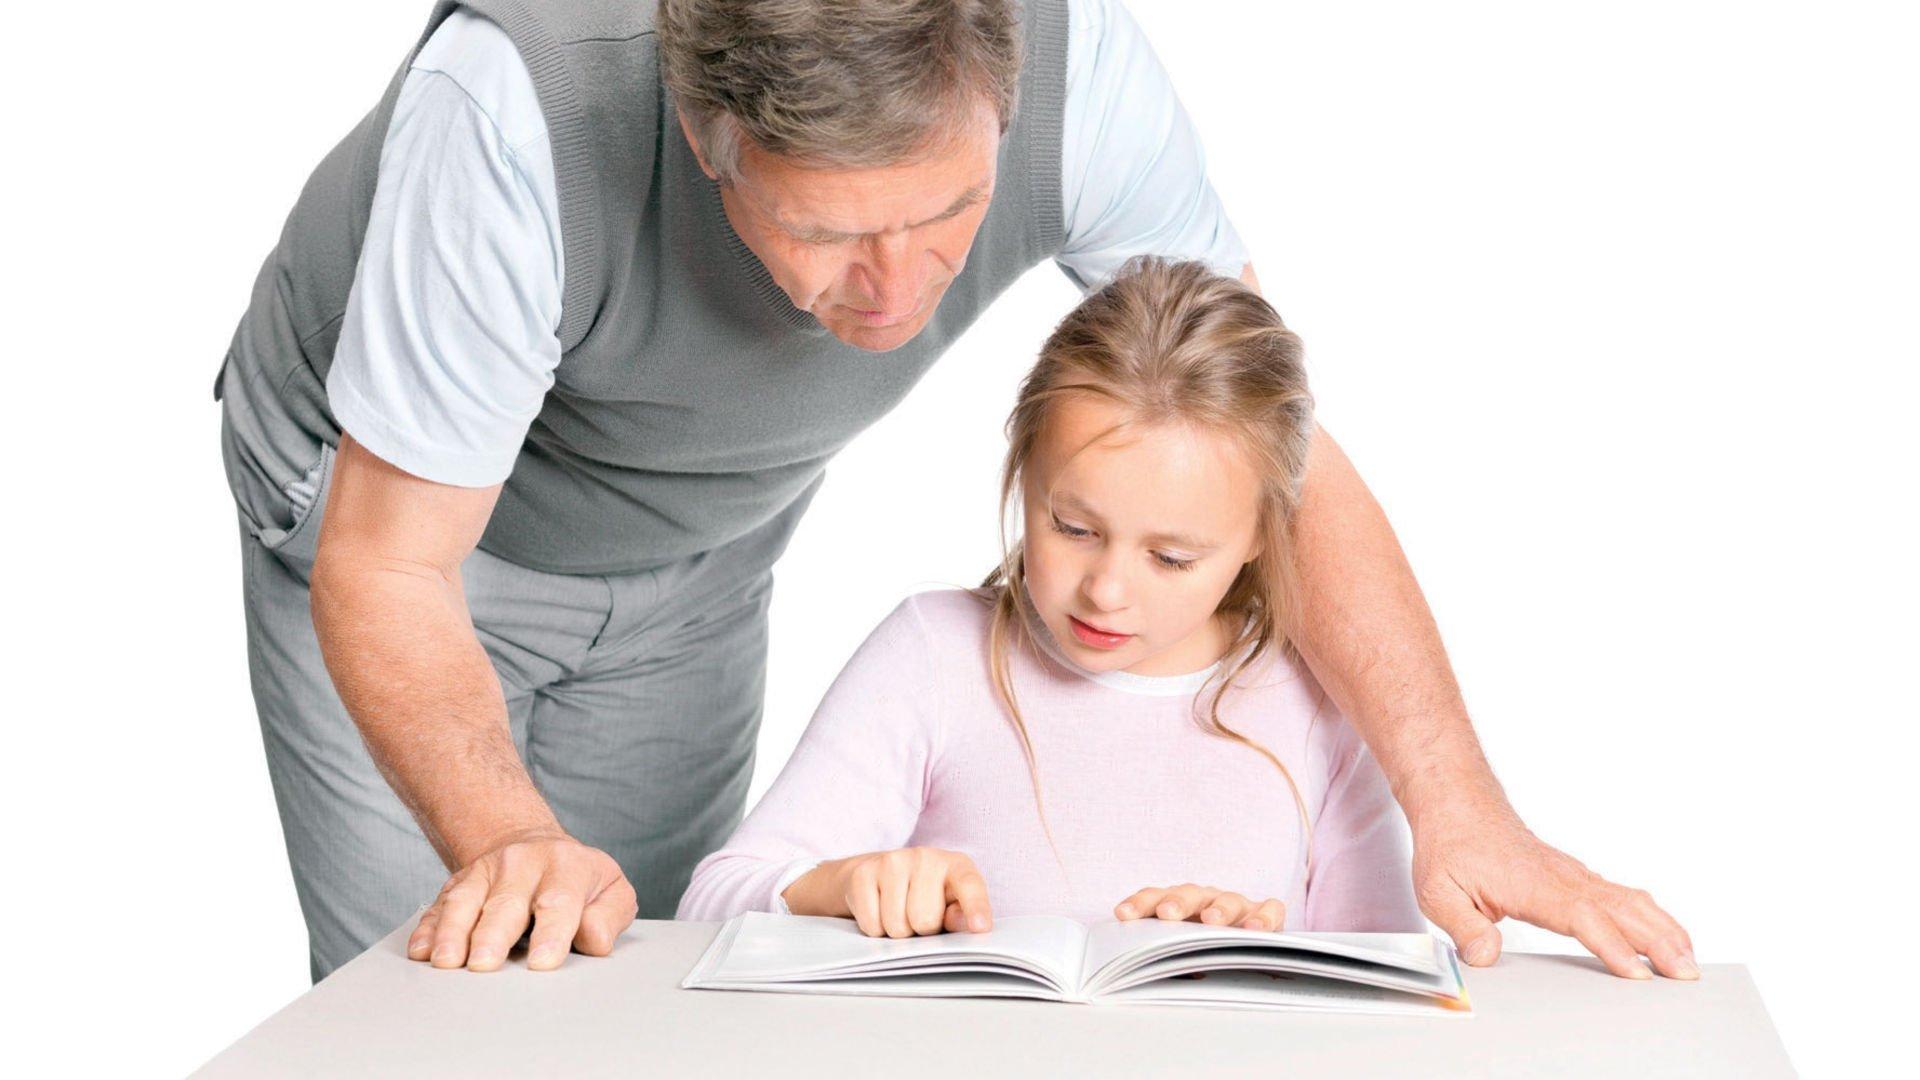 Çocukları Okul Hayatına Nasıl Hazırlamalı